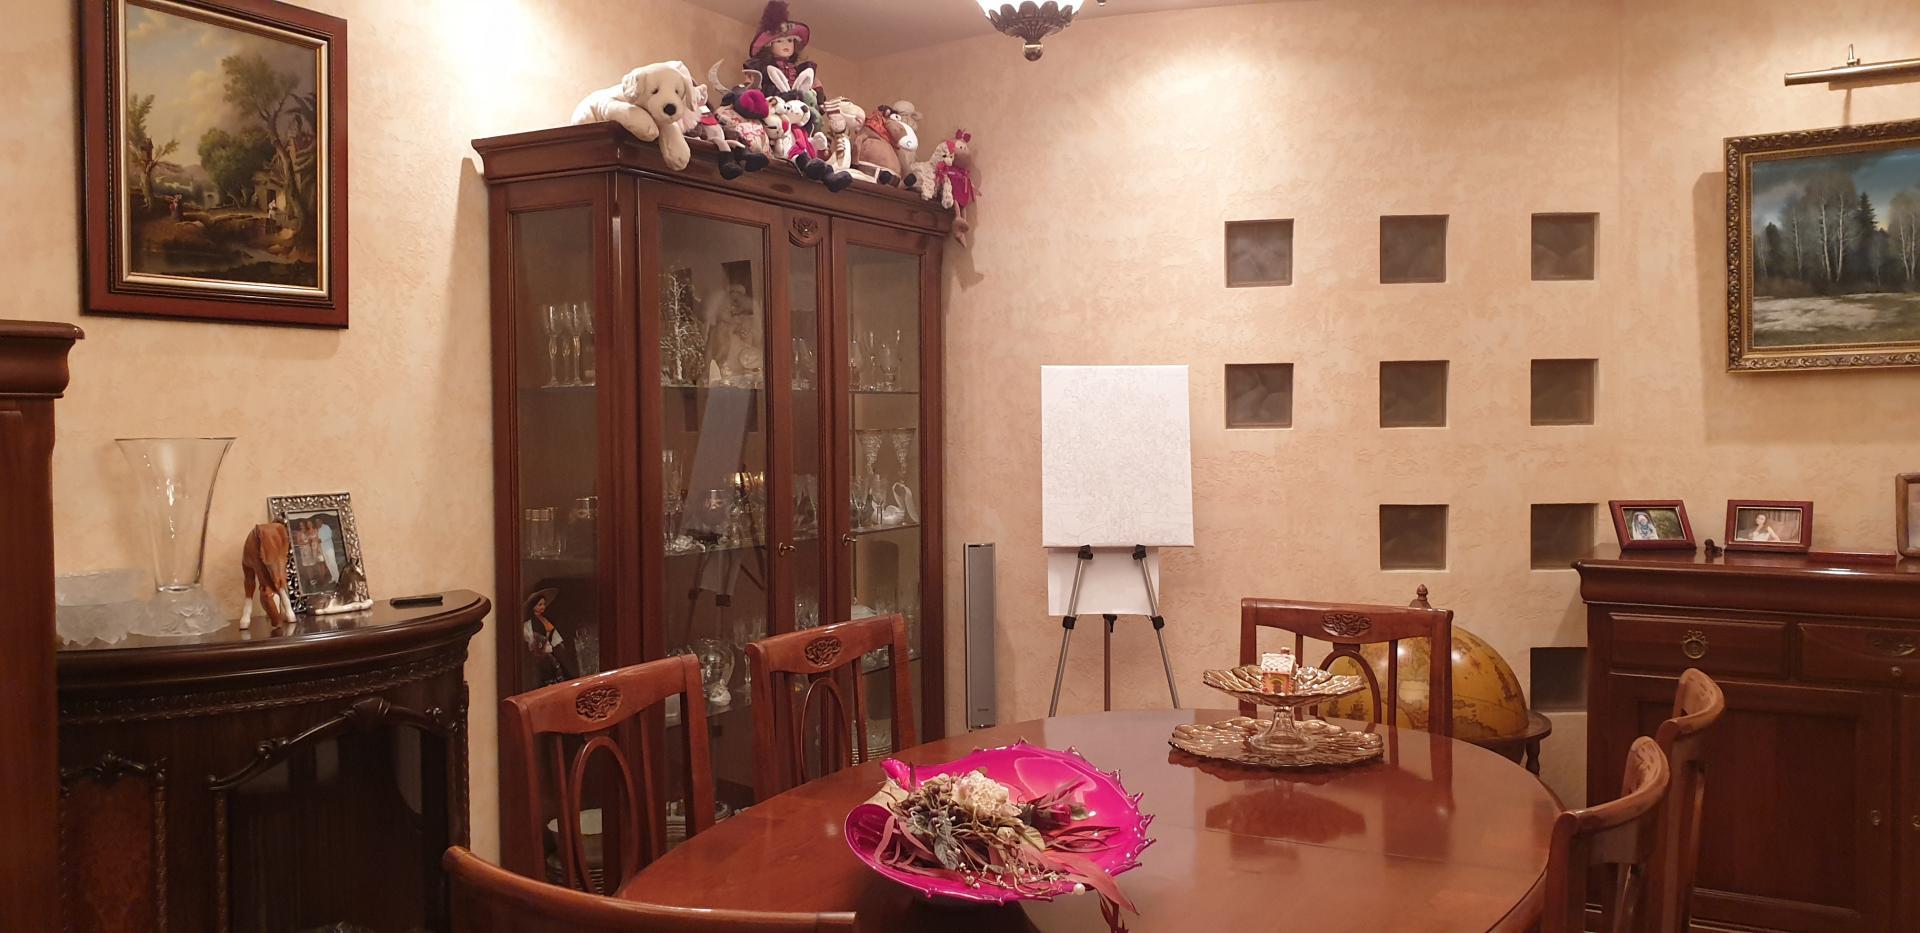 Продам 4-комн. квартиру по адресу Россия, Москва и Московская область, Москва, Азовская улица, 24к1 фото 6 по выгодной цене